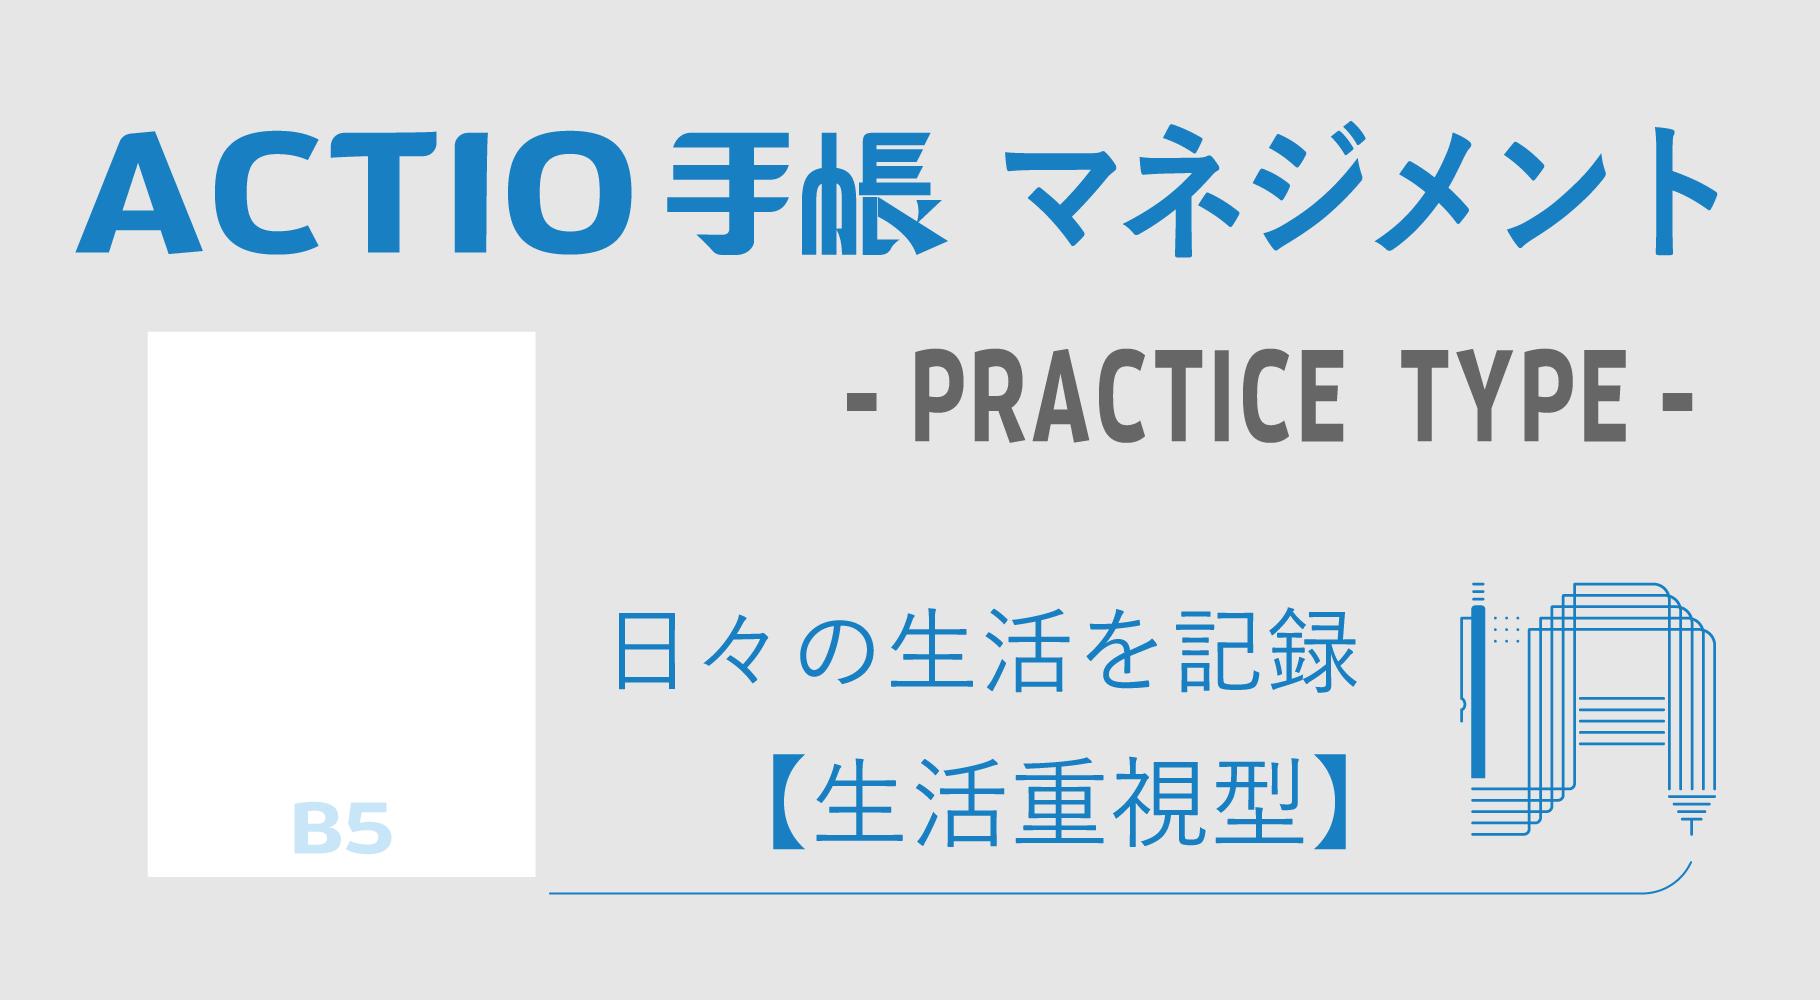 中学生向けACTIO手帳のプラクティス版。まずは日々のタスク管理と生活記録を残していき、生活リズムの改善に繋げるプロダクト。